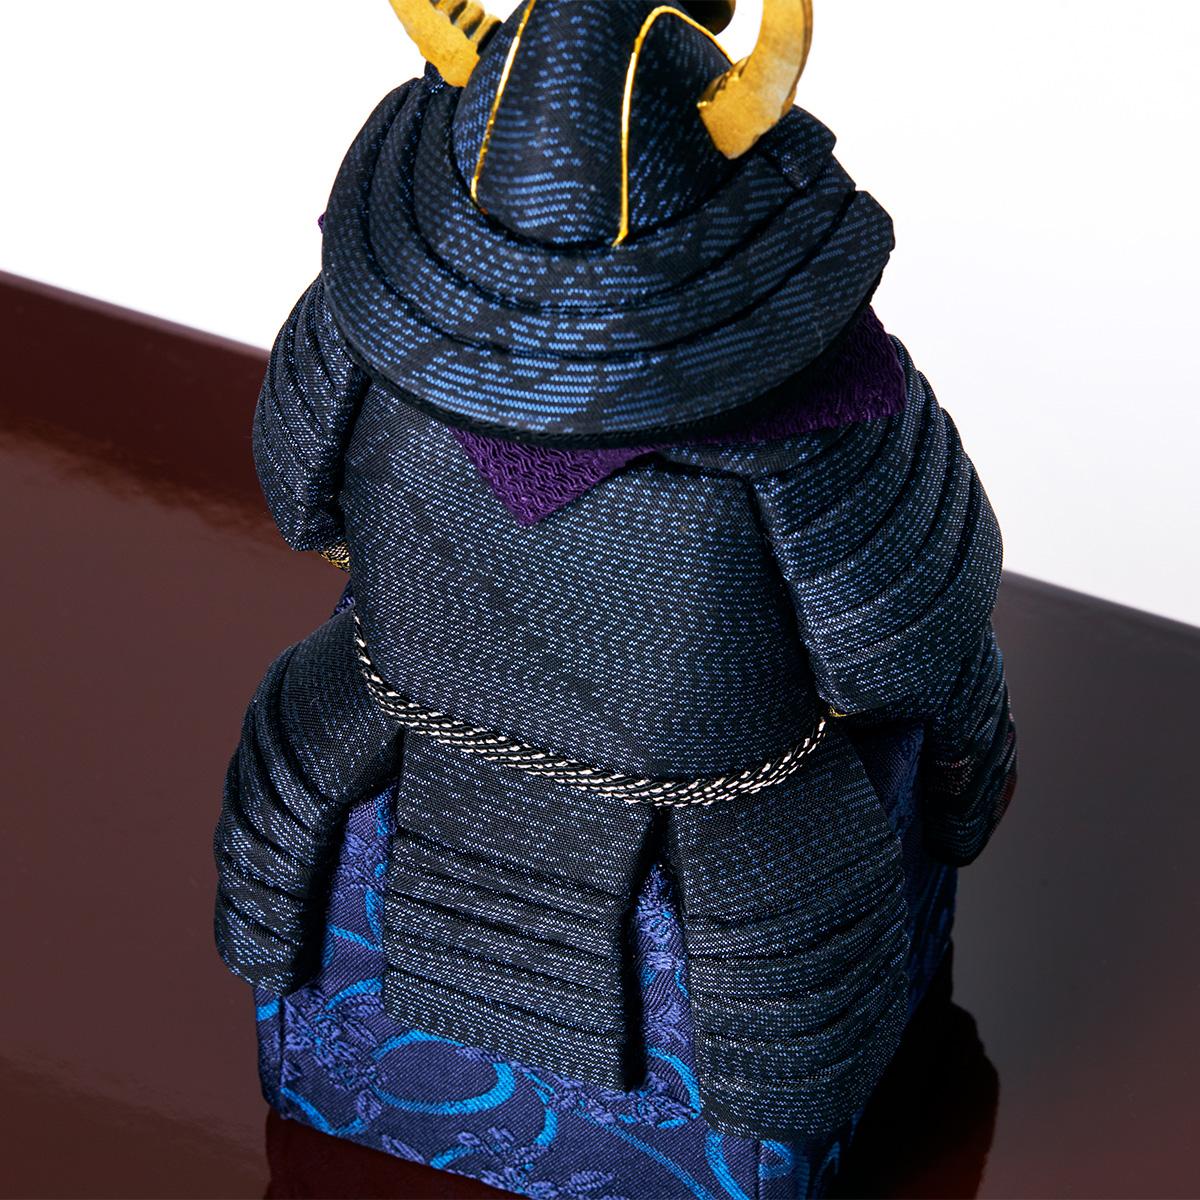 鎧飾り・脇飾り:江戸木目込(柿沼人形)|次世代に伝えていきたい最高峰の日本伝統技術を結集させ、コンパクト・モダンに。リビングや玄関に飾れる「プレミアム鎧飾り・五月人形」